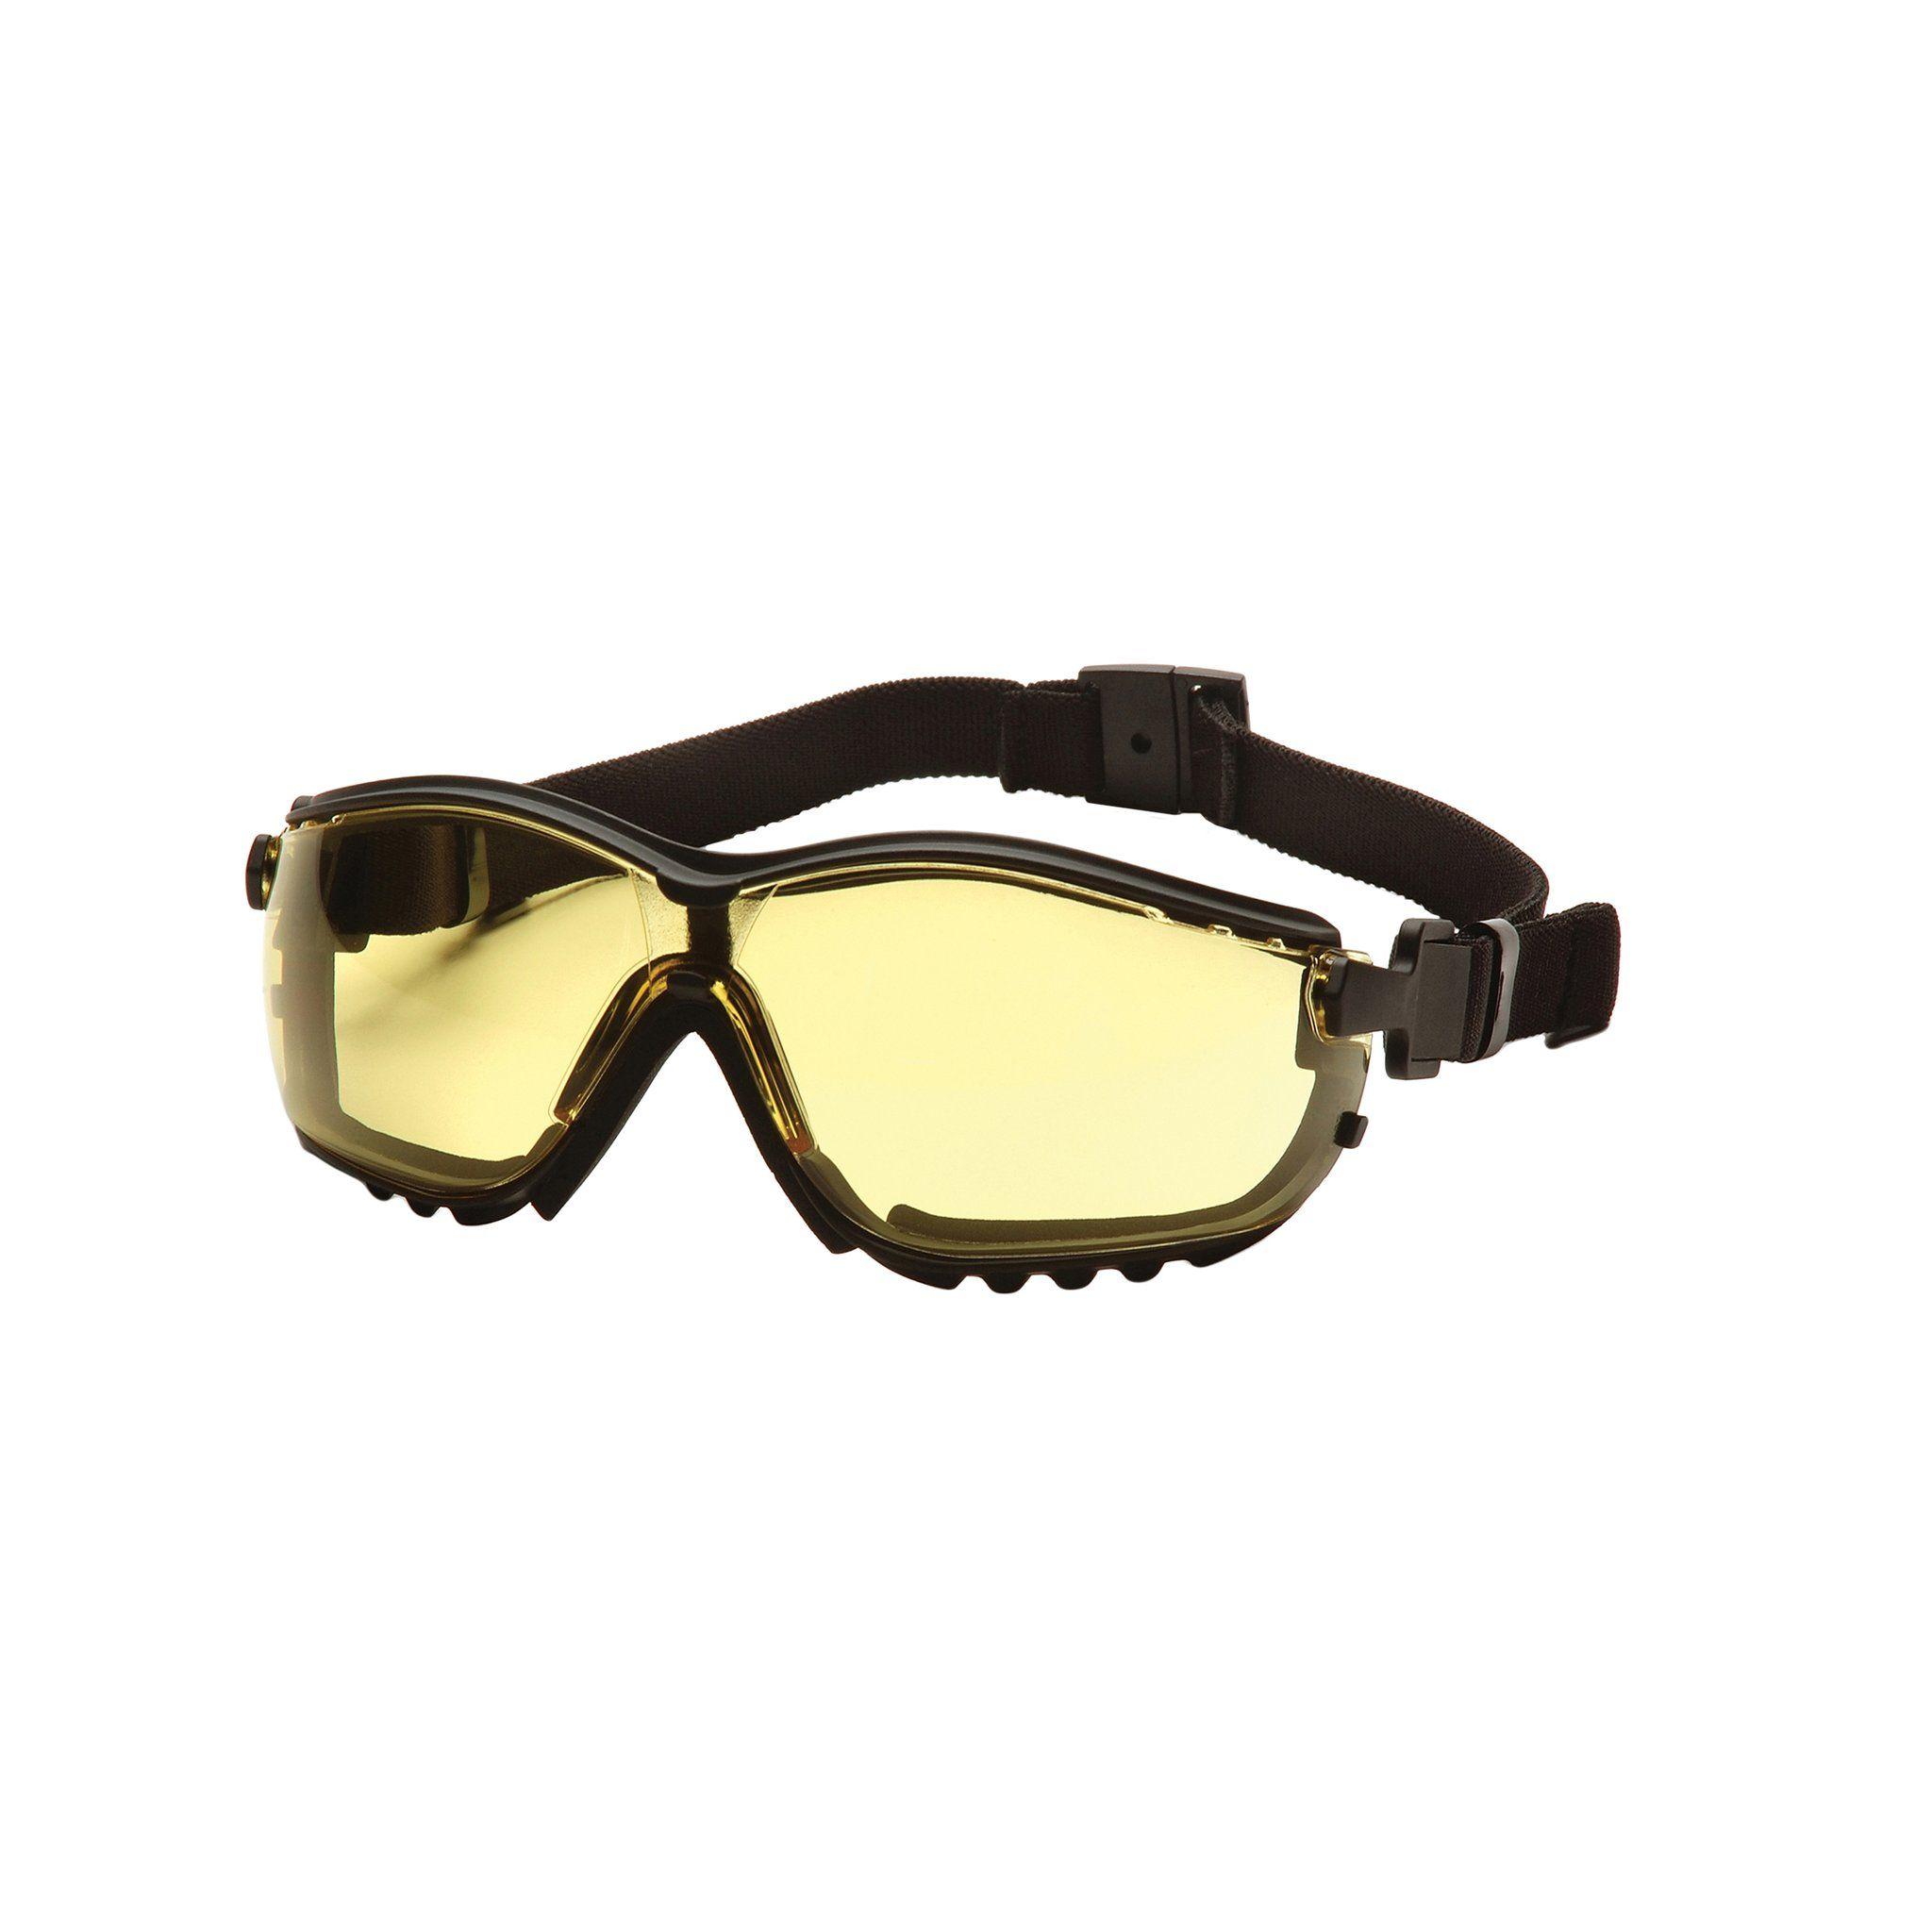 V2G AntiFog Lens Safety Glasses Pyramex Safety Products